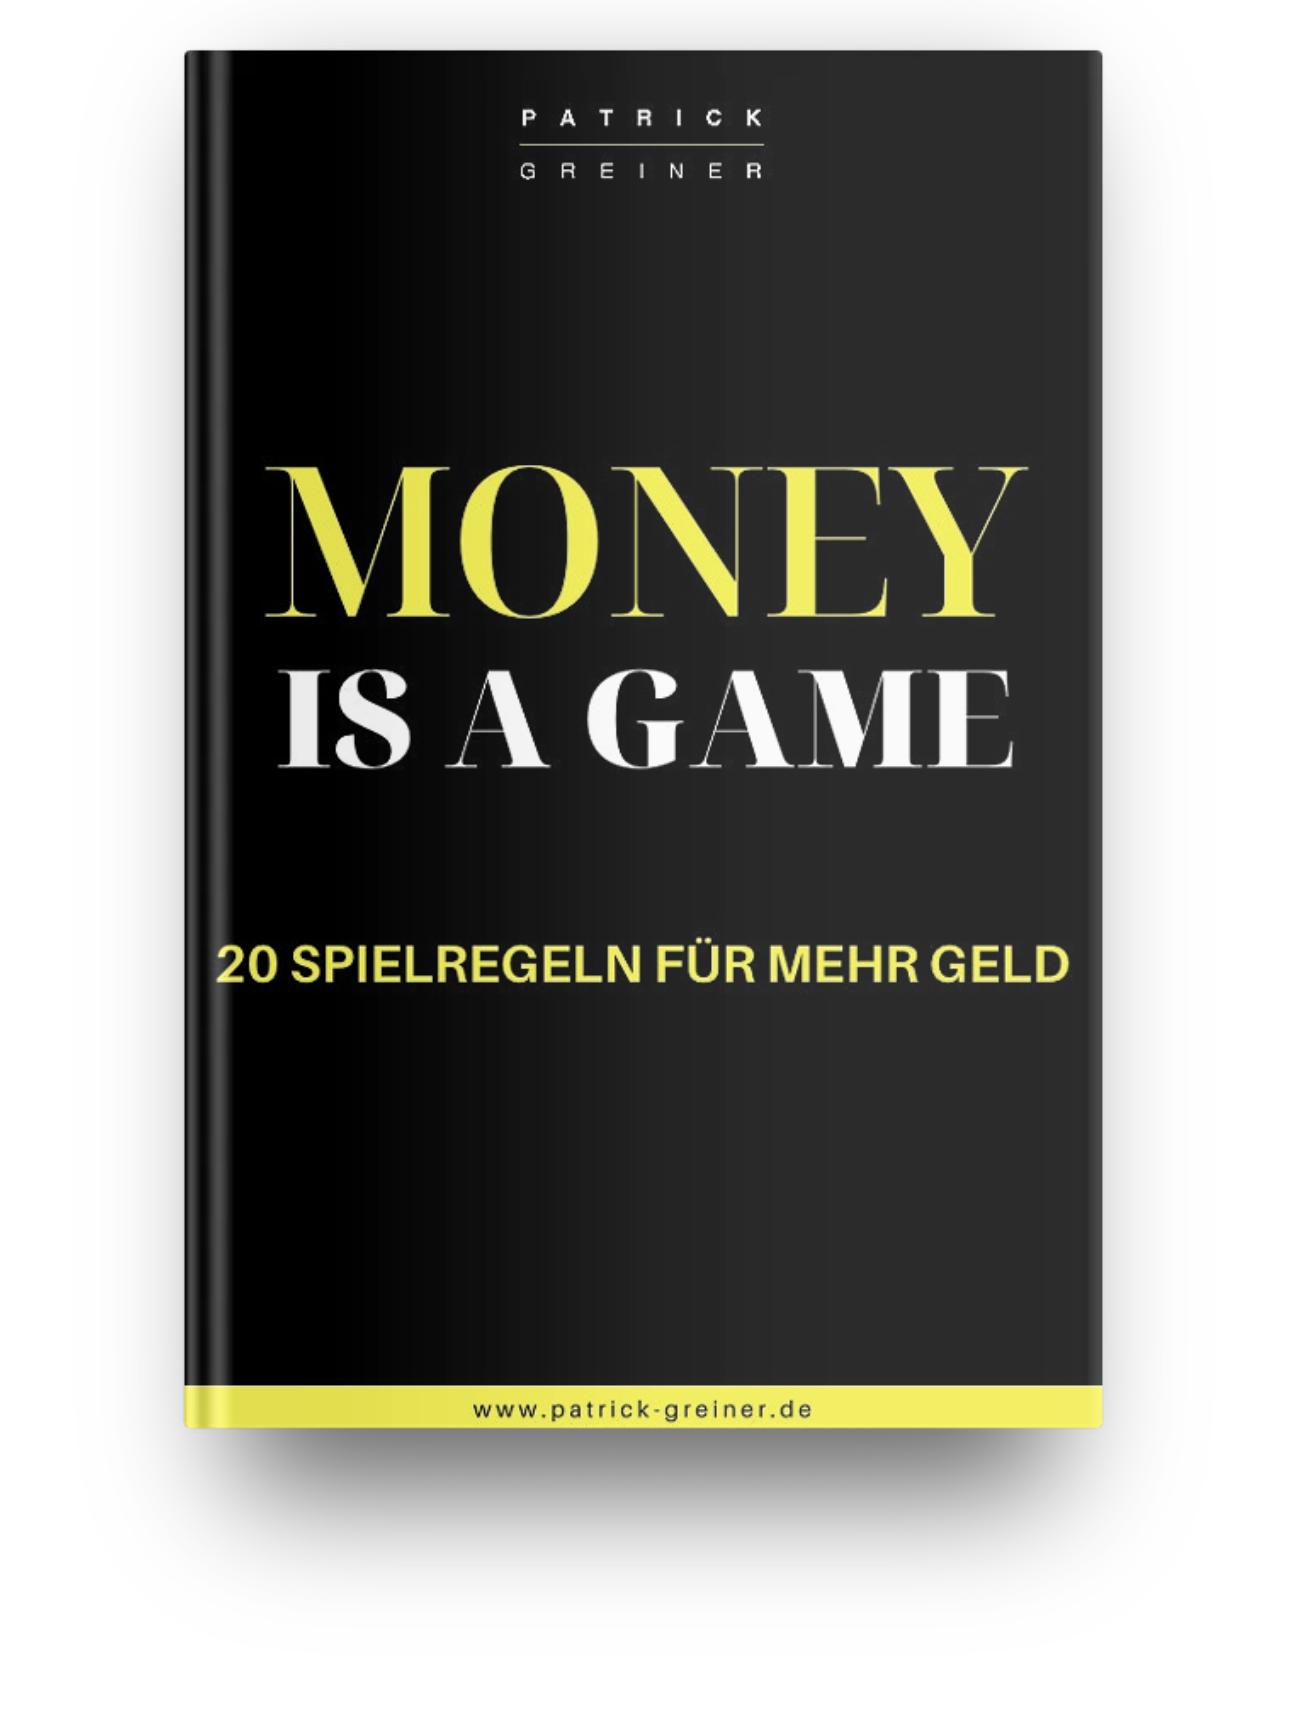 mockup_moneyisagame